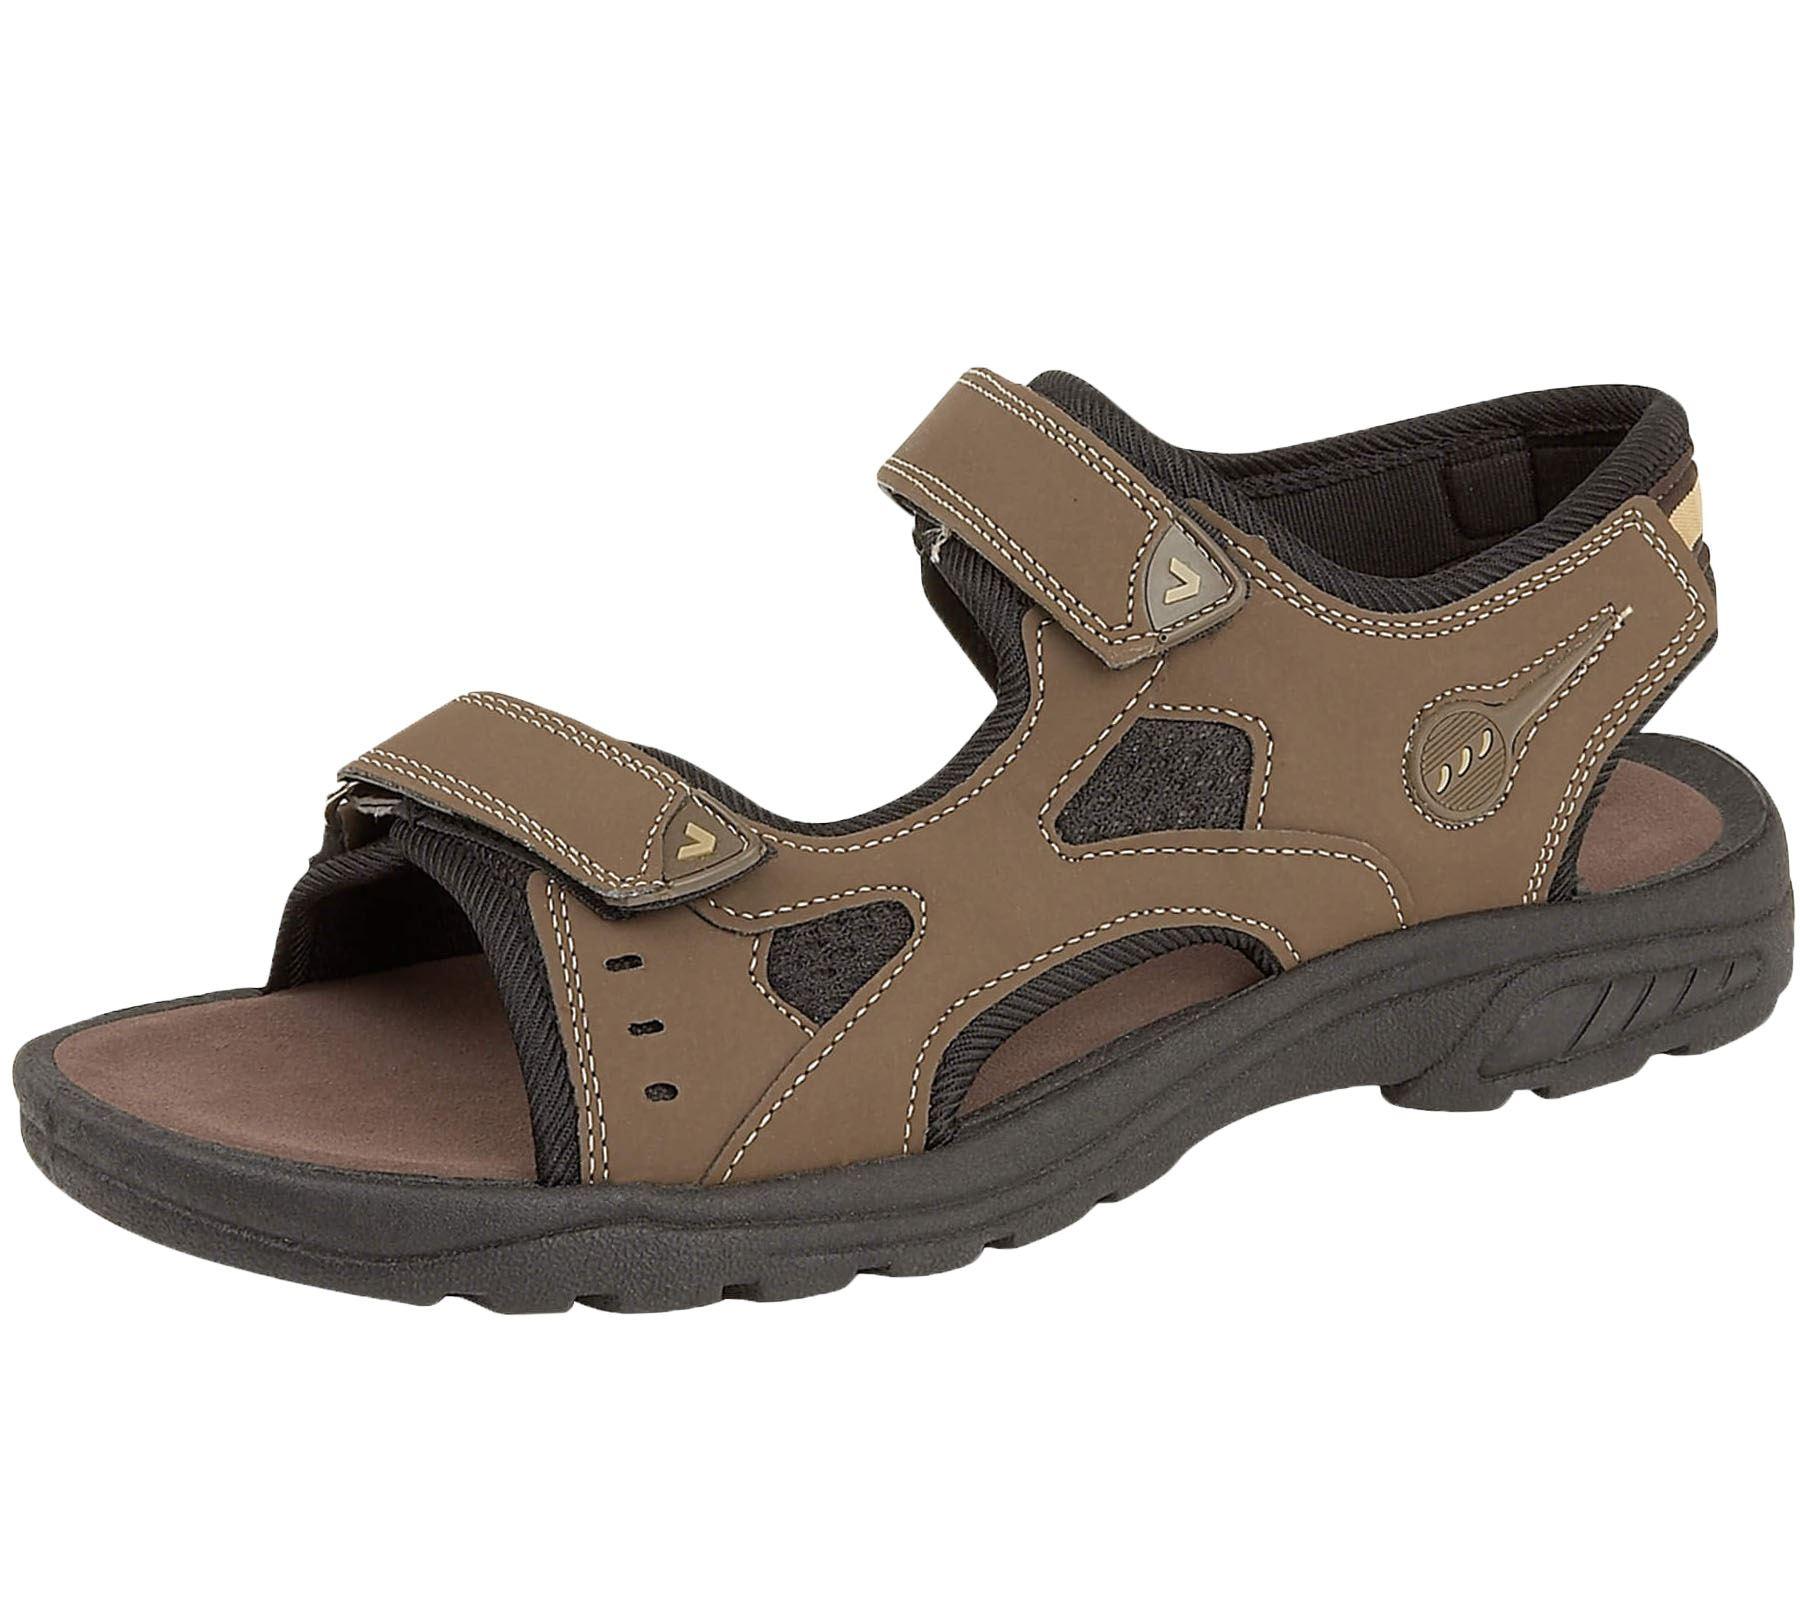 Mens-Sandals-Summer-Beach-Casual-Syenthatic-Sandals miniatura 11